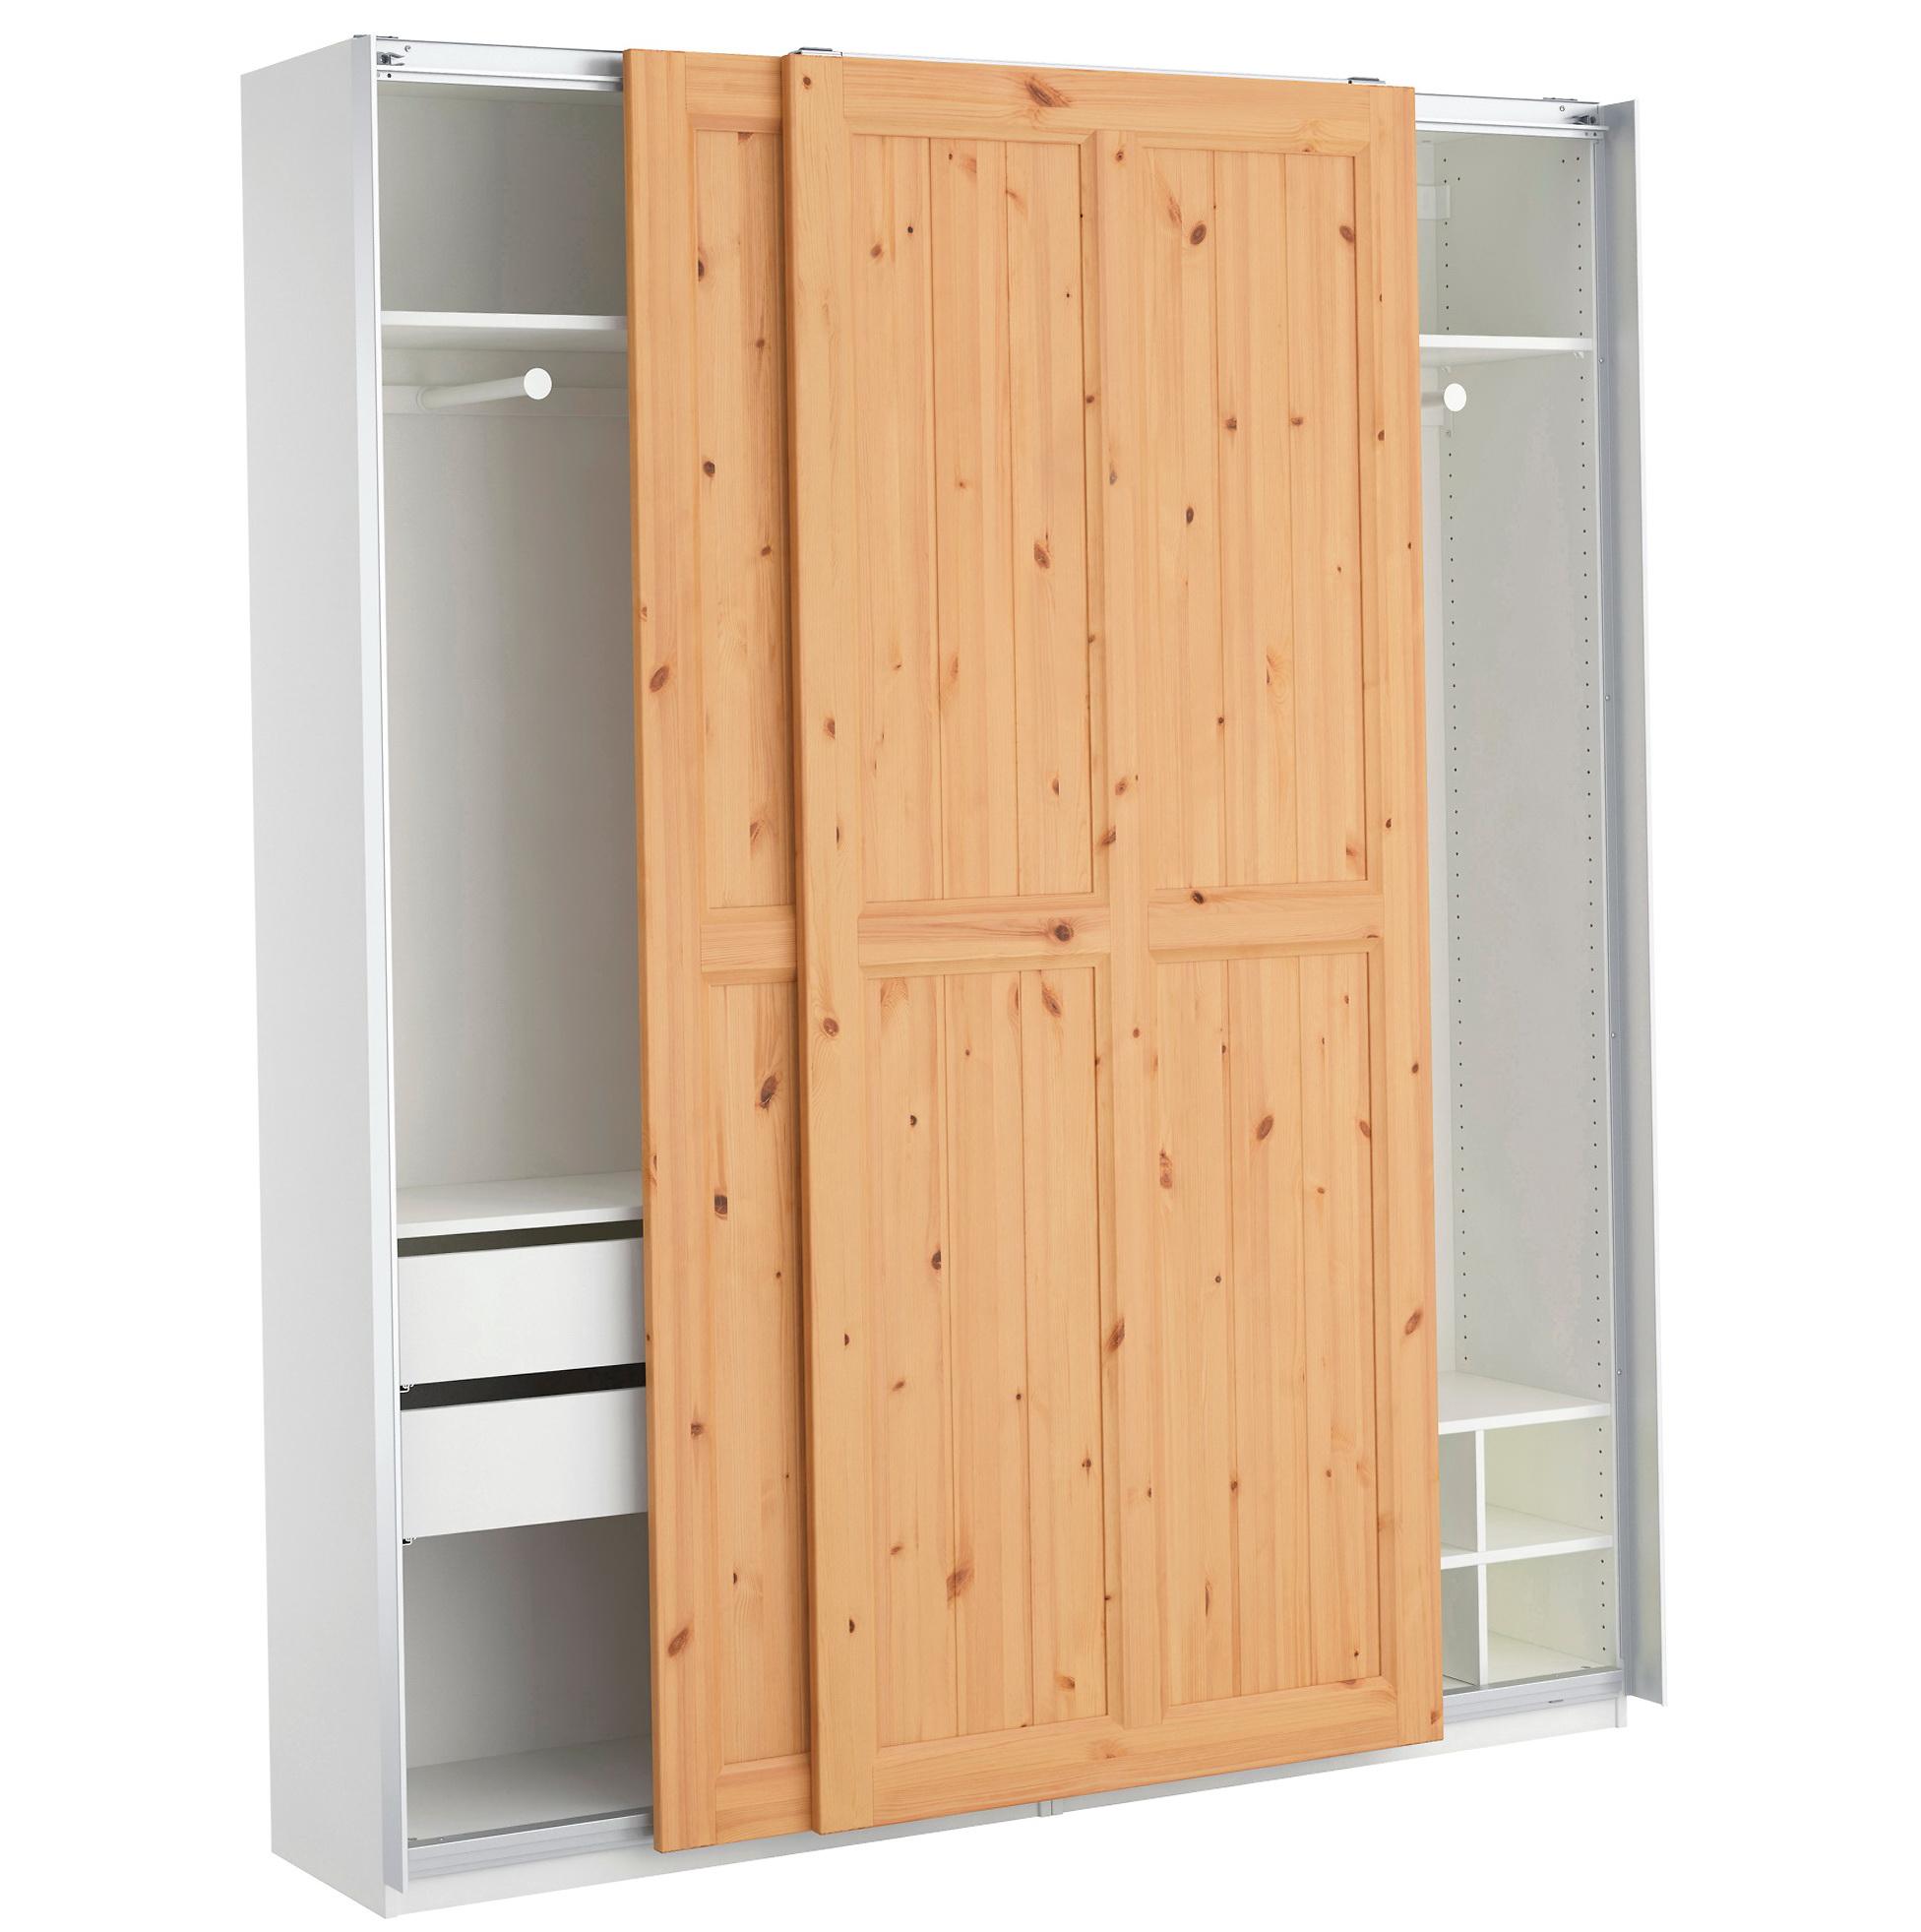 Wooden Wardrobe Closet Walmart Home Design Ideas